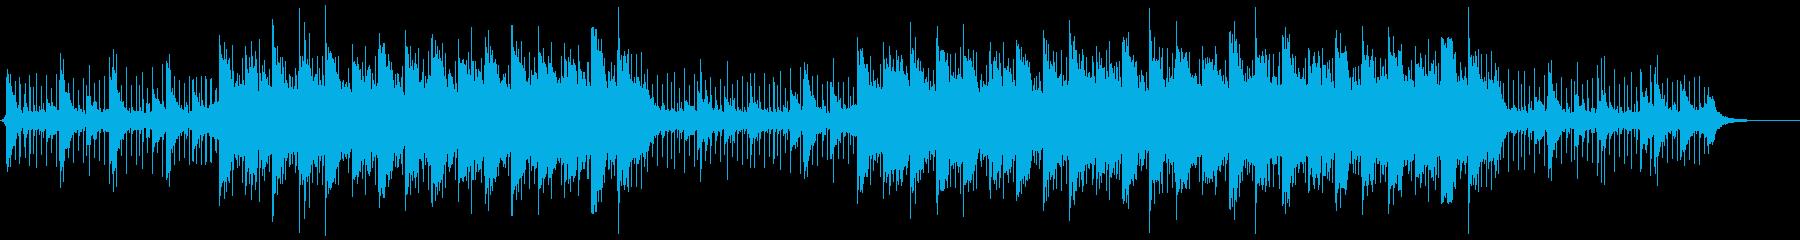 壮大なイメージのコーポレート向けBGMの再生済みの波形